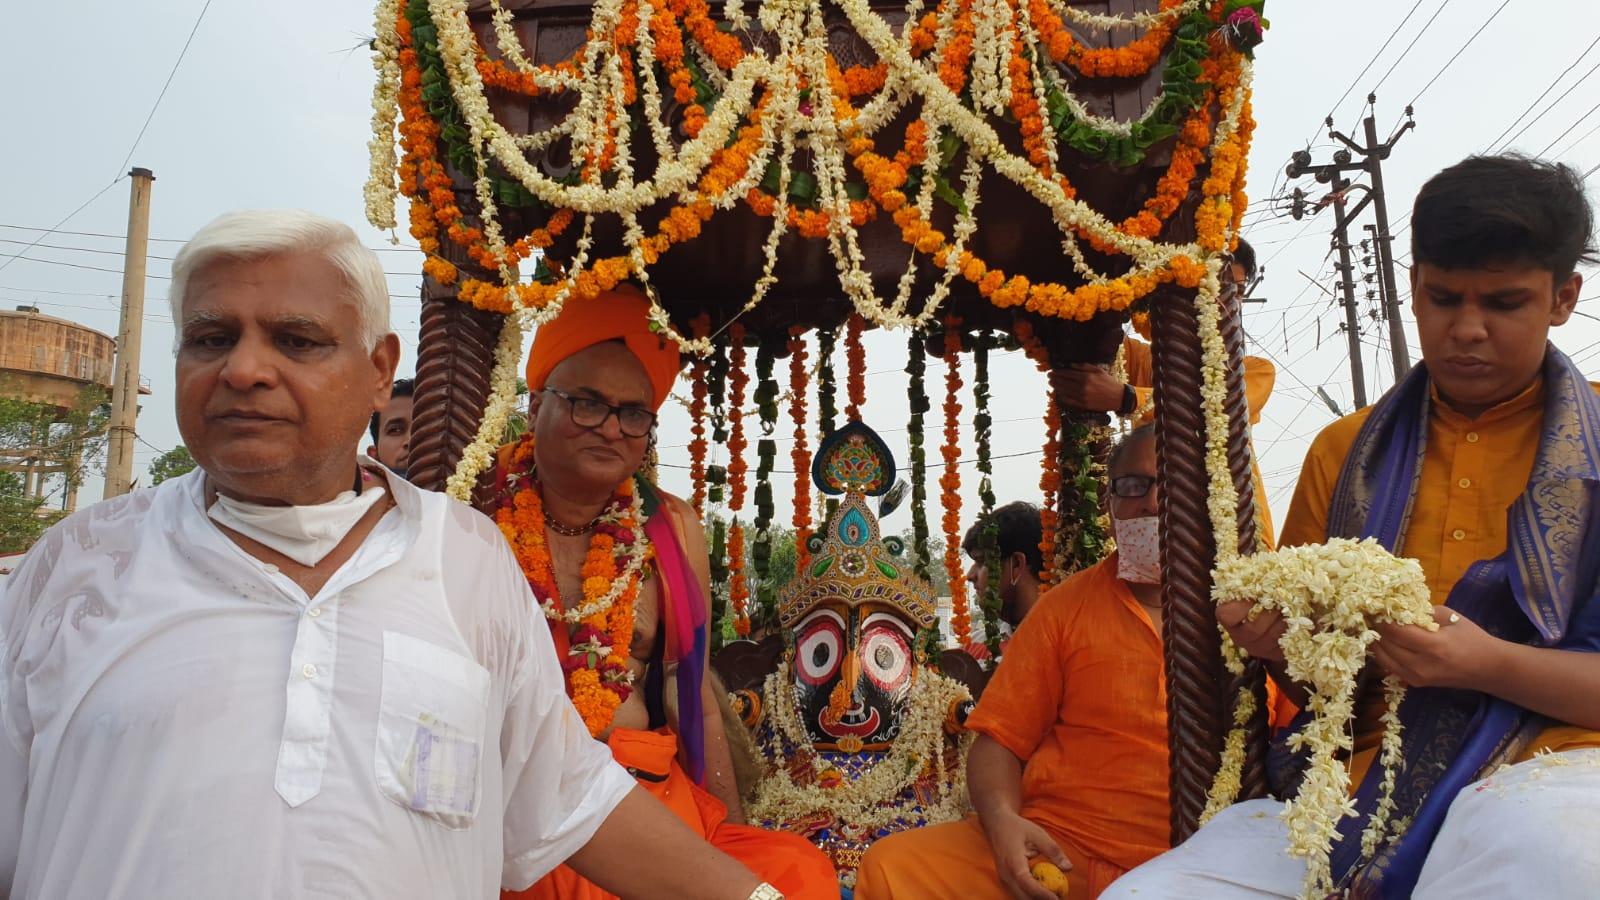 श्यामनगरी में रथ पर विराजमान होकर निकले भगवान जगन्नाथ, भक्ती में सराबोर नाचते गाते हुए दिखे श्रद्धालु|मथुरा,Mathura - Dainik Bhaskar